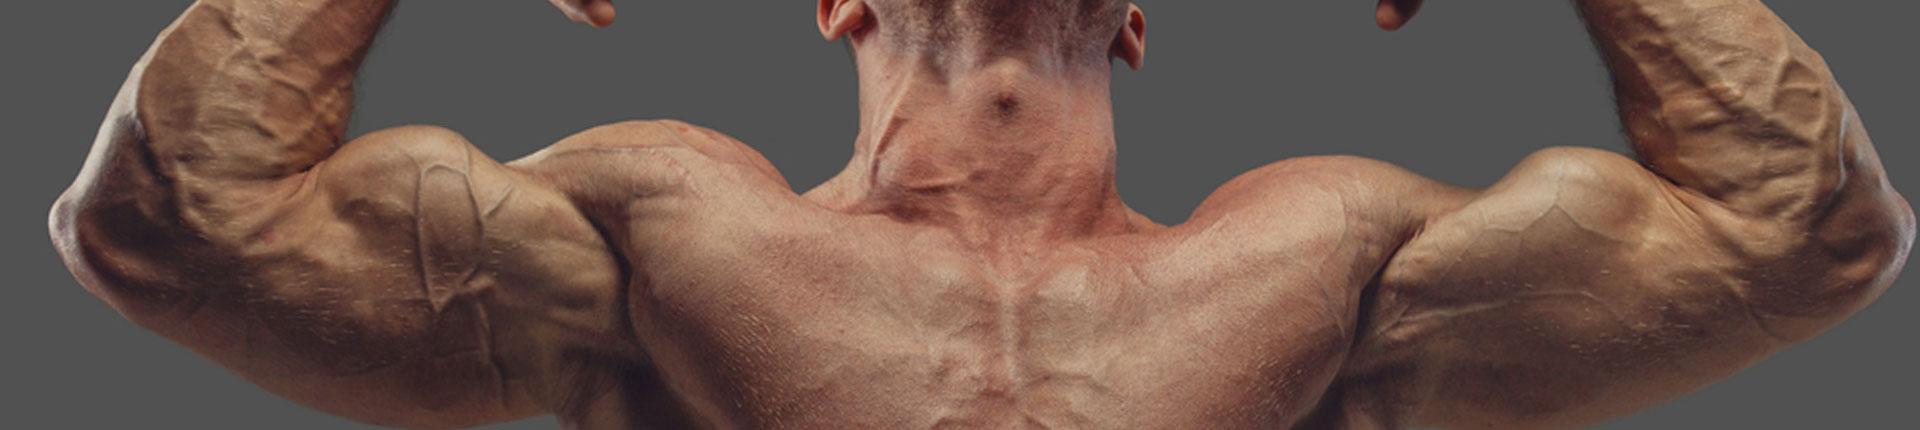 Jak przyspieszać wzrost mięśni? Który trening jest najlepszy?